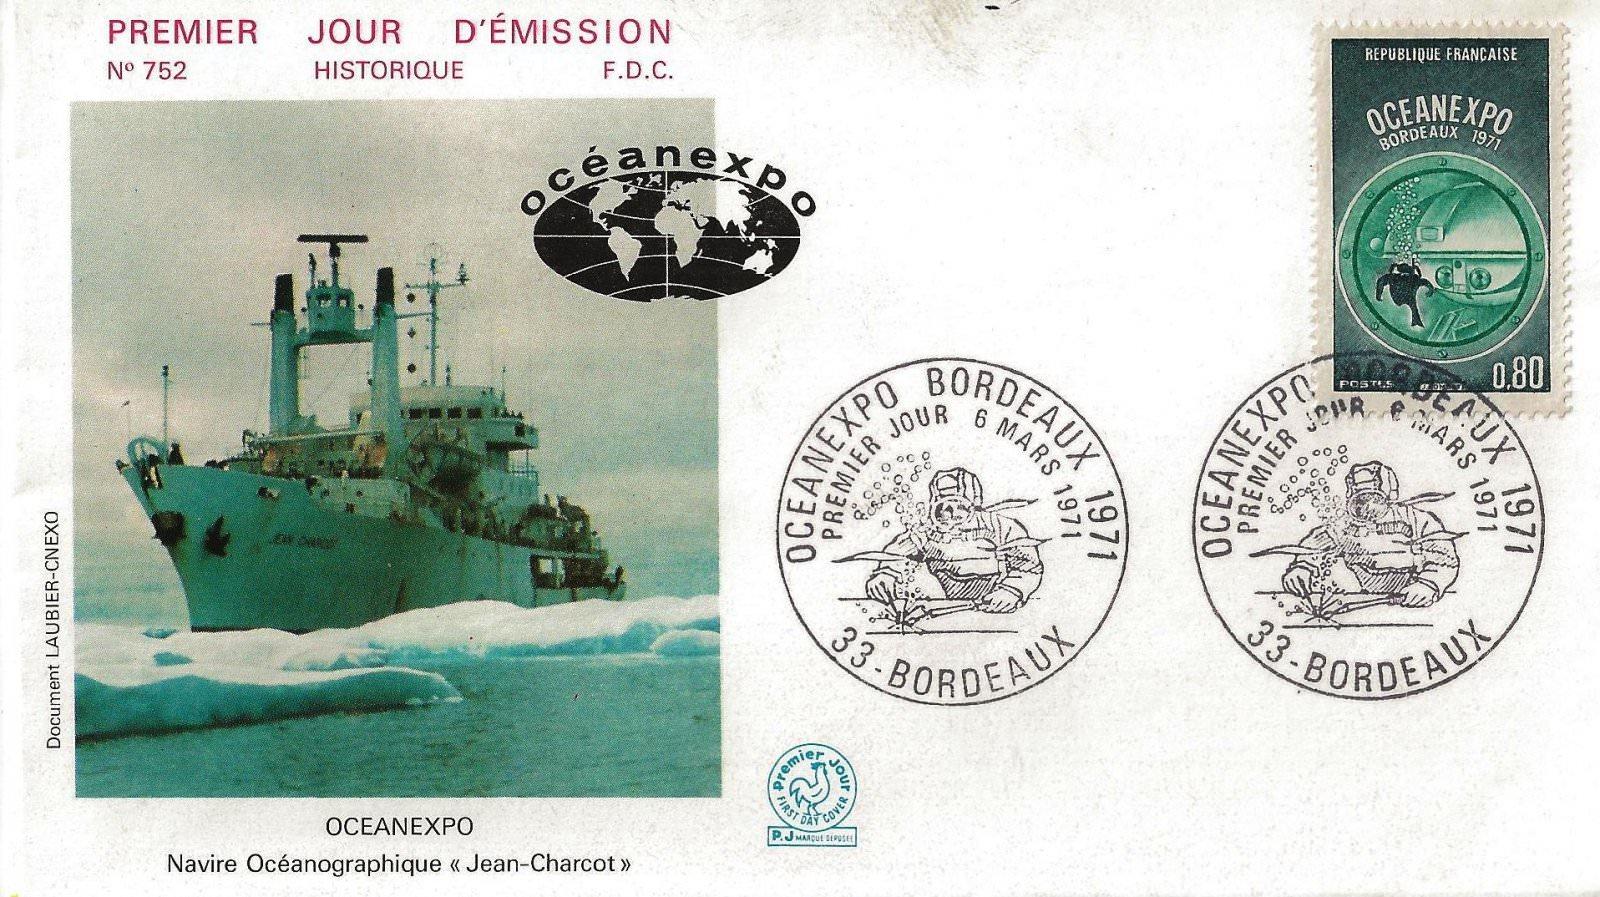 1971 oceanexpo 752